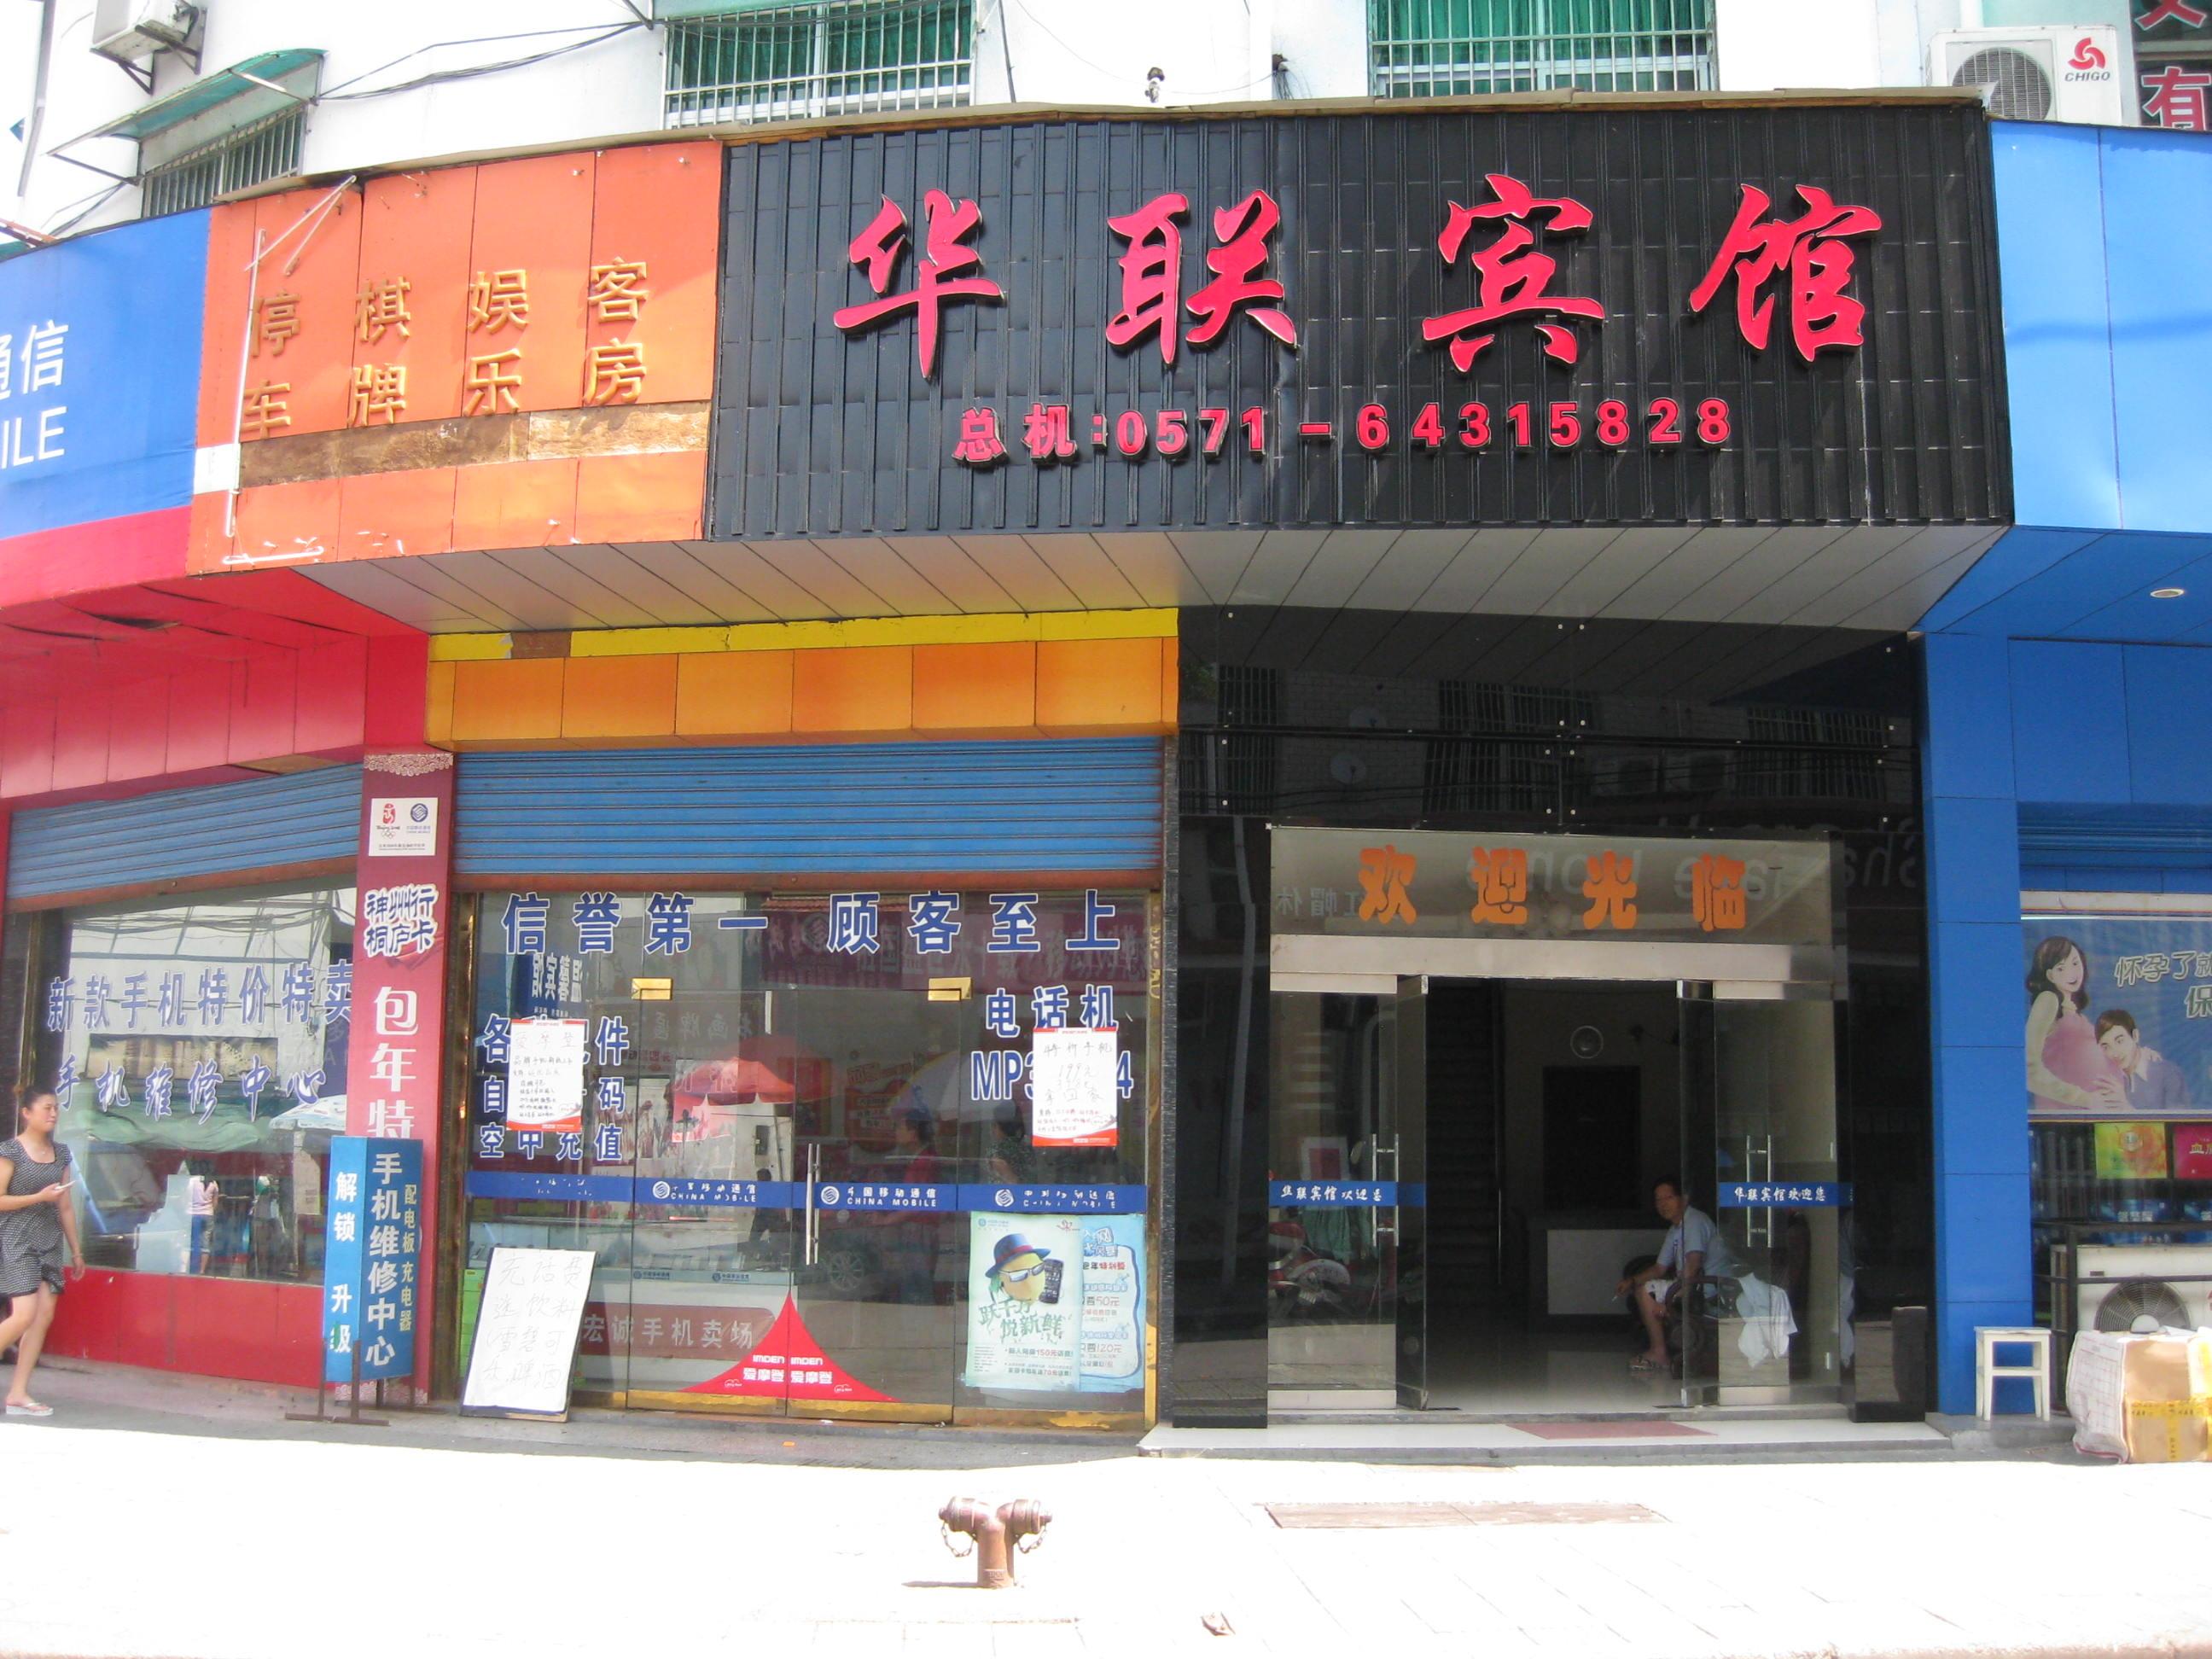 千岛湖中心湖区-天龙九瀑-红石湾2日游>登岛游览